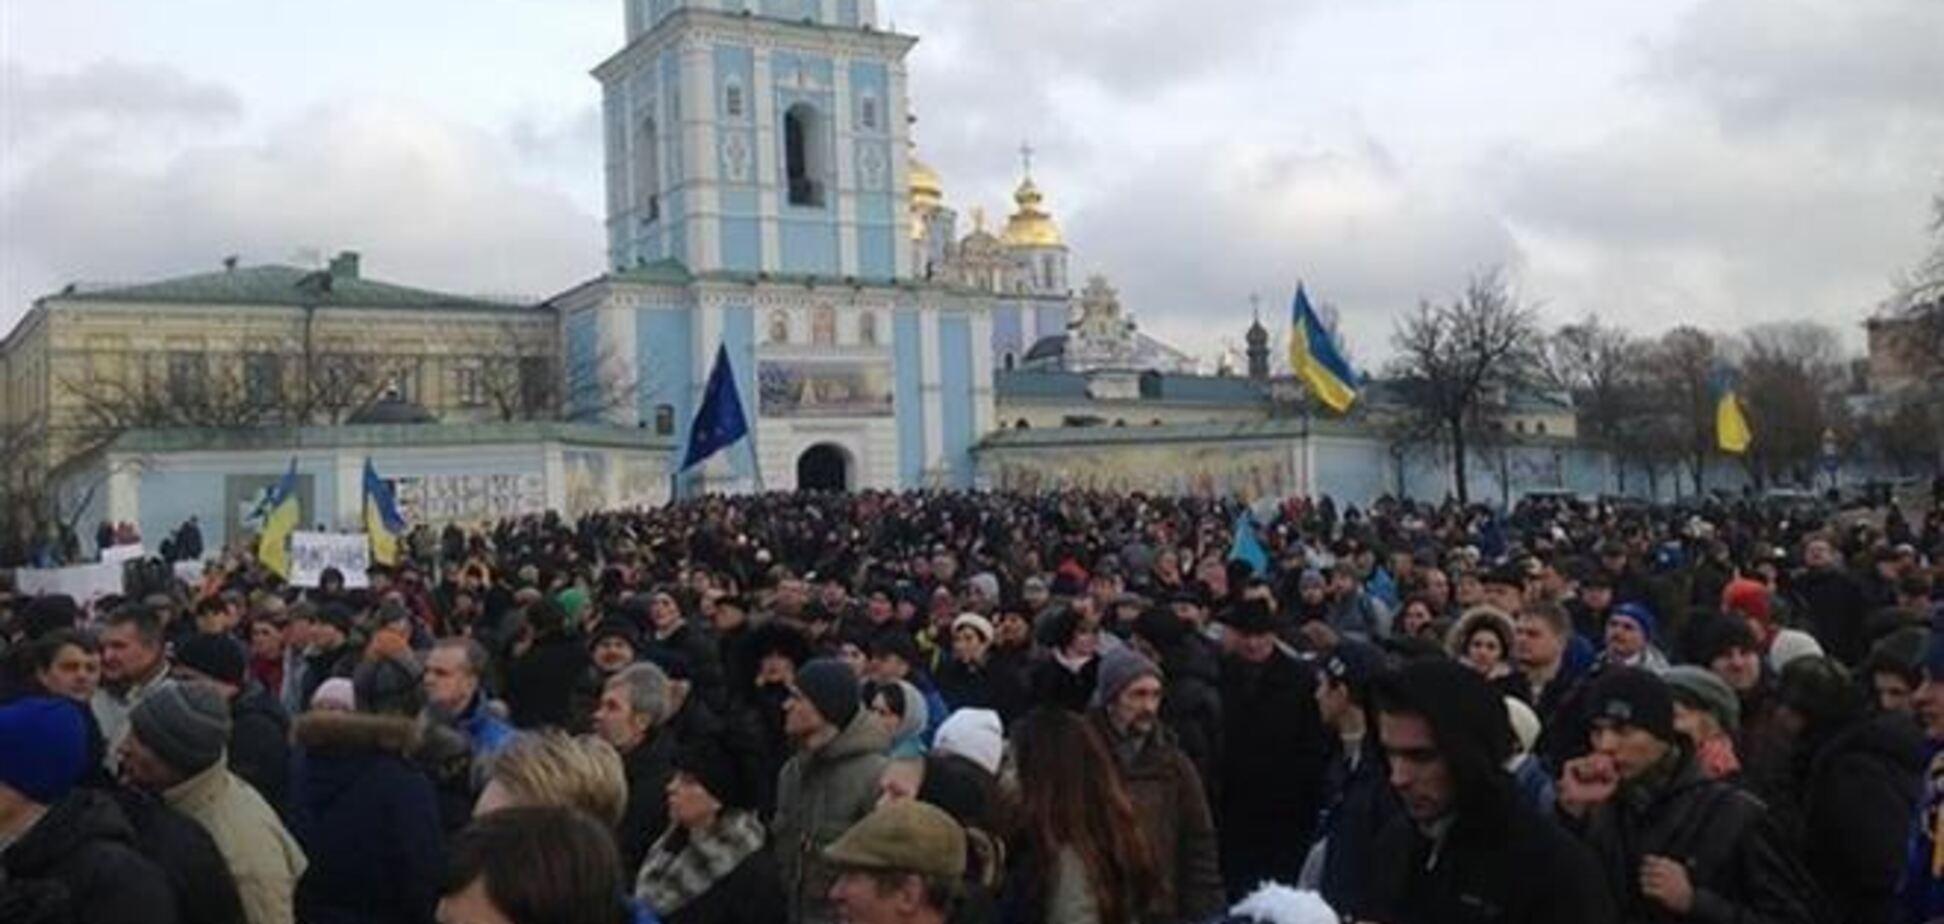 Большой митинг сторонников евроинтеграции назначен на 12:00 1 декабря